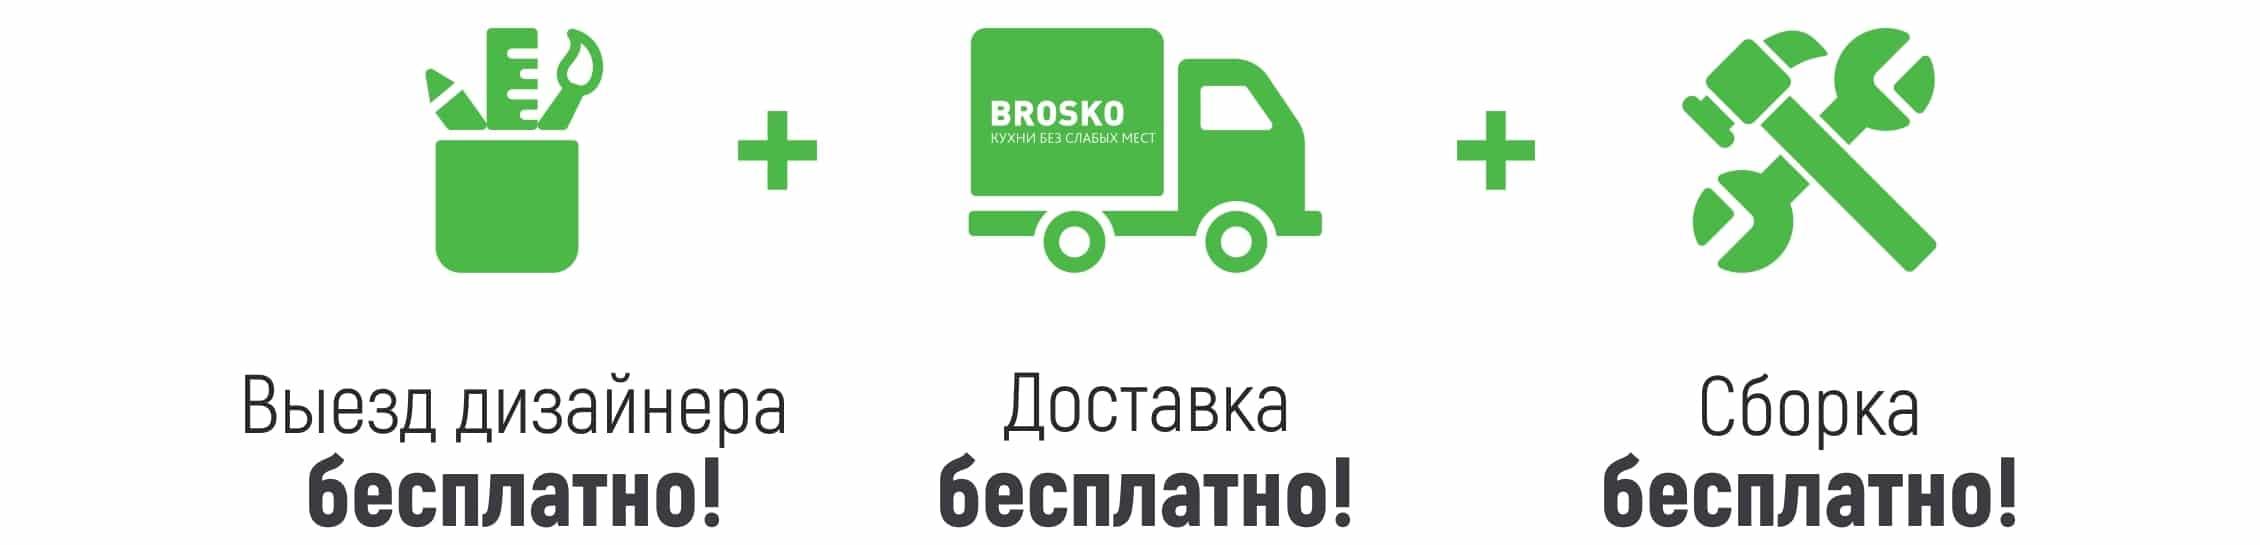 Кухни на заказ BROSKO в СПб